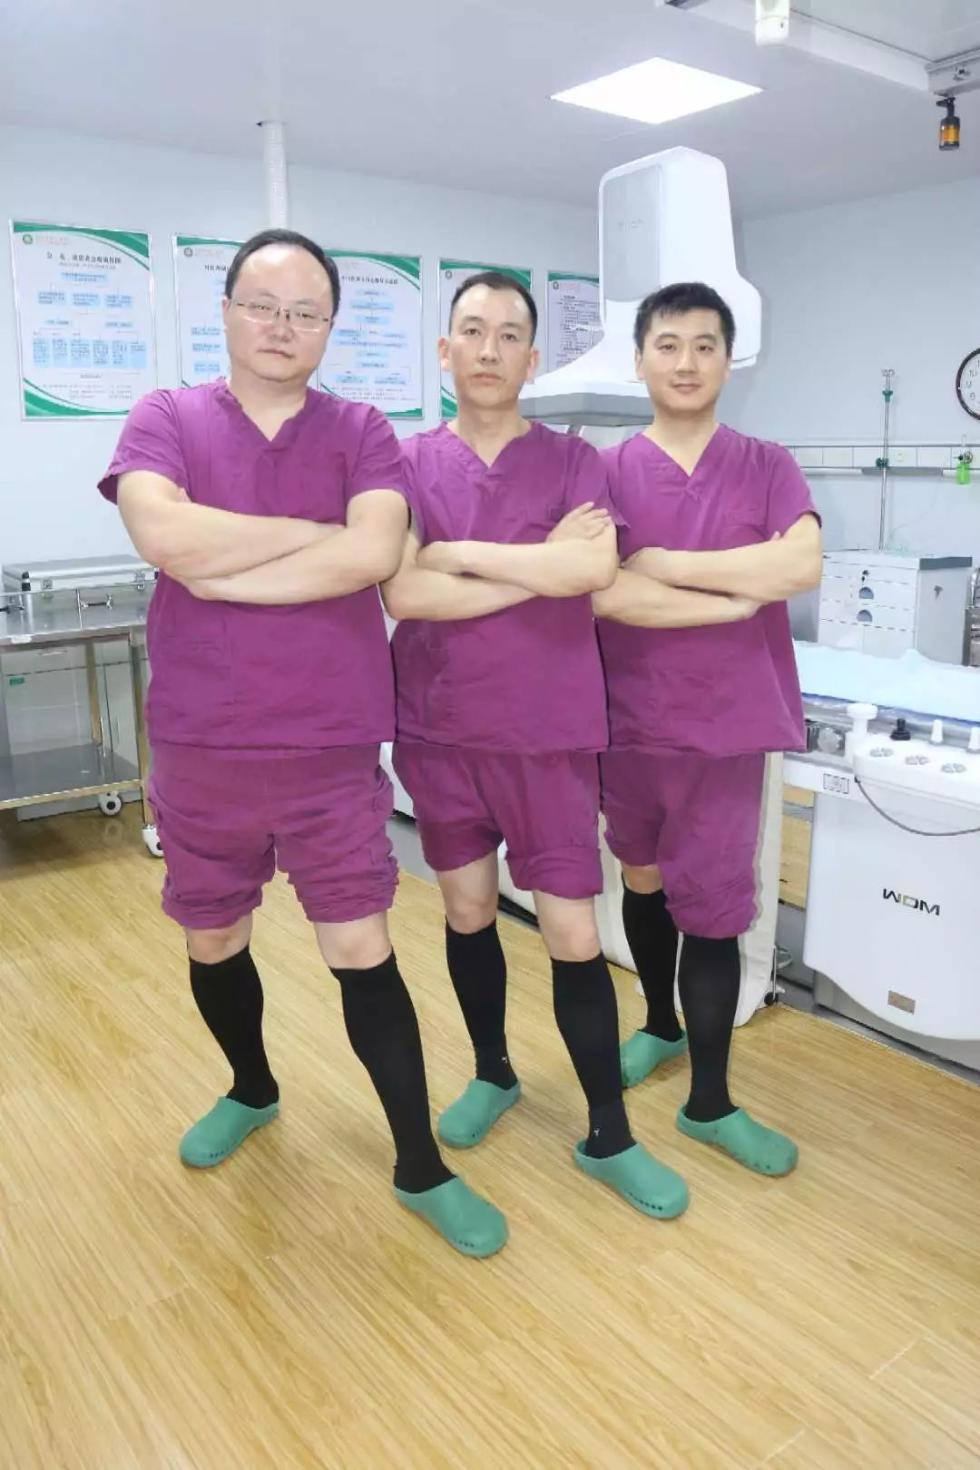 """暖心!这群男医生,爱上穿""""丝袜"""",背后故事好暖"""